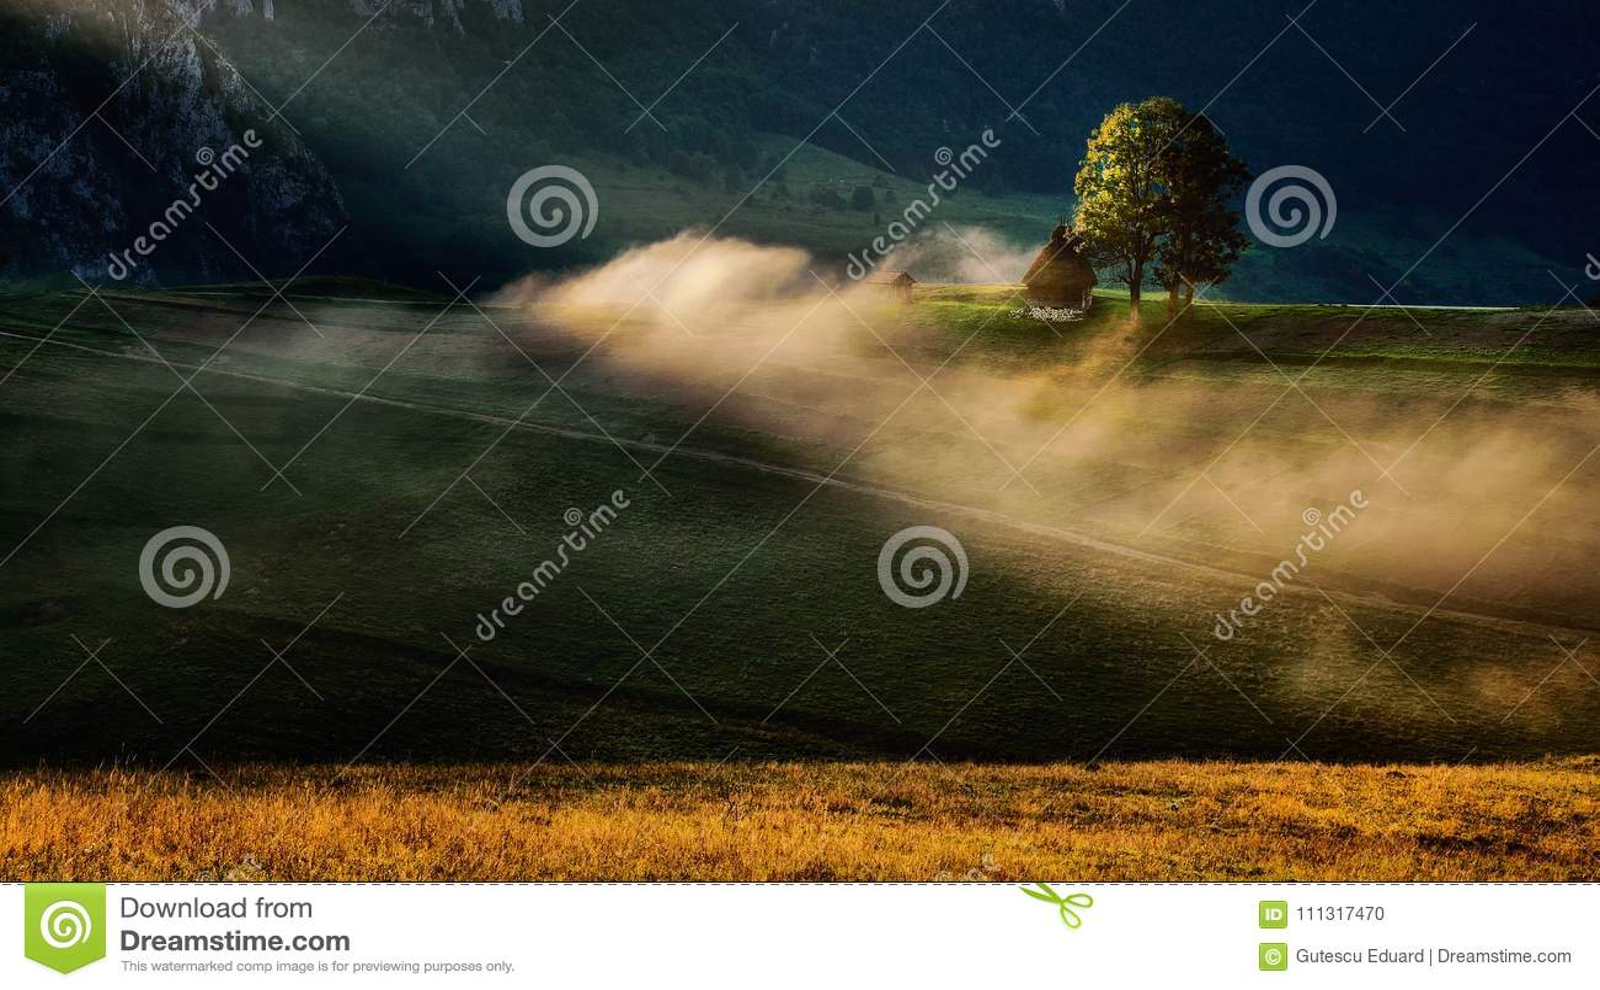 Ausgezeichneter Sonnenaufgang in der Siebenbürgen-Region mit Nebel und Sonne strahlen aus